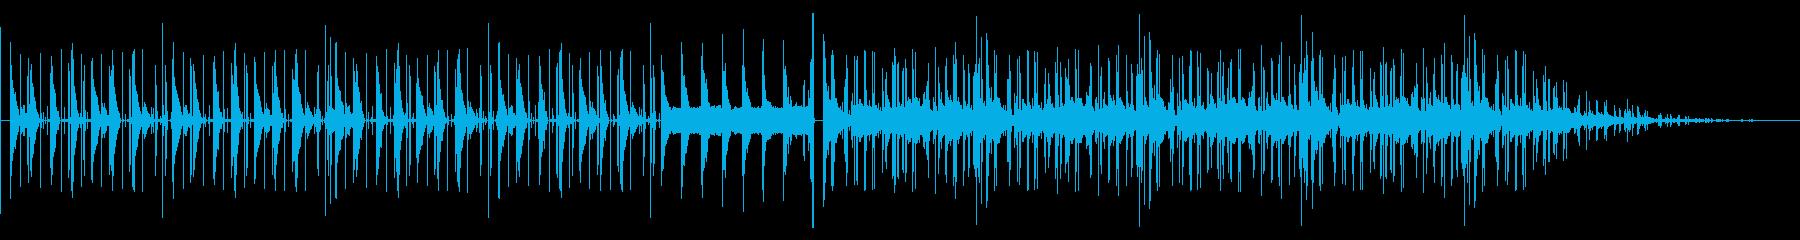 ゆるふわクール系のBGMの再生済みの波形